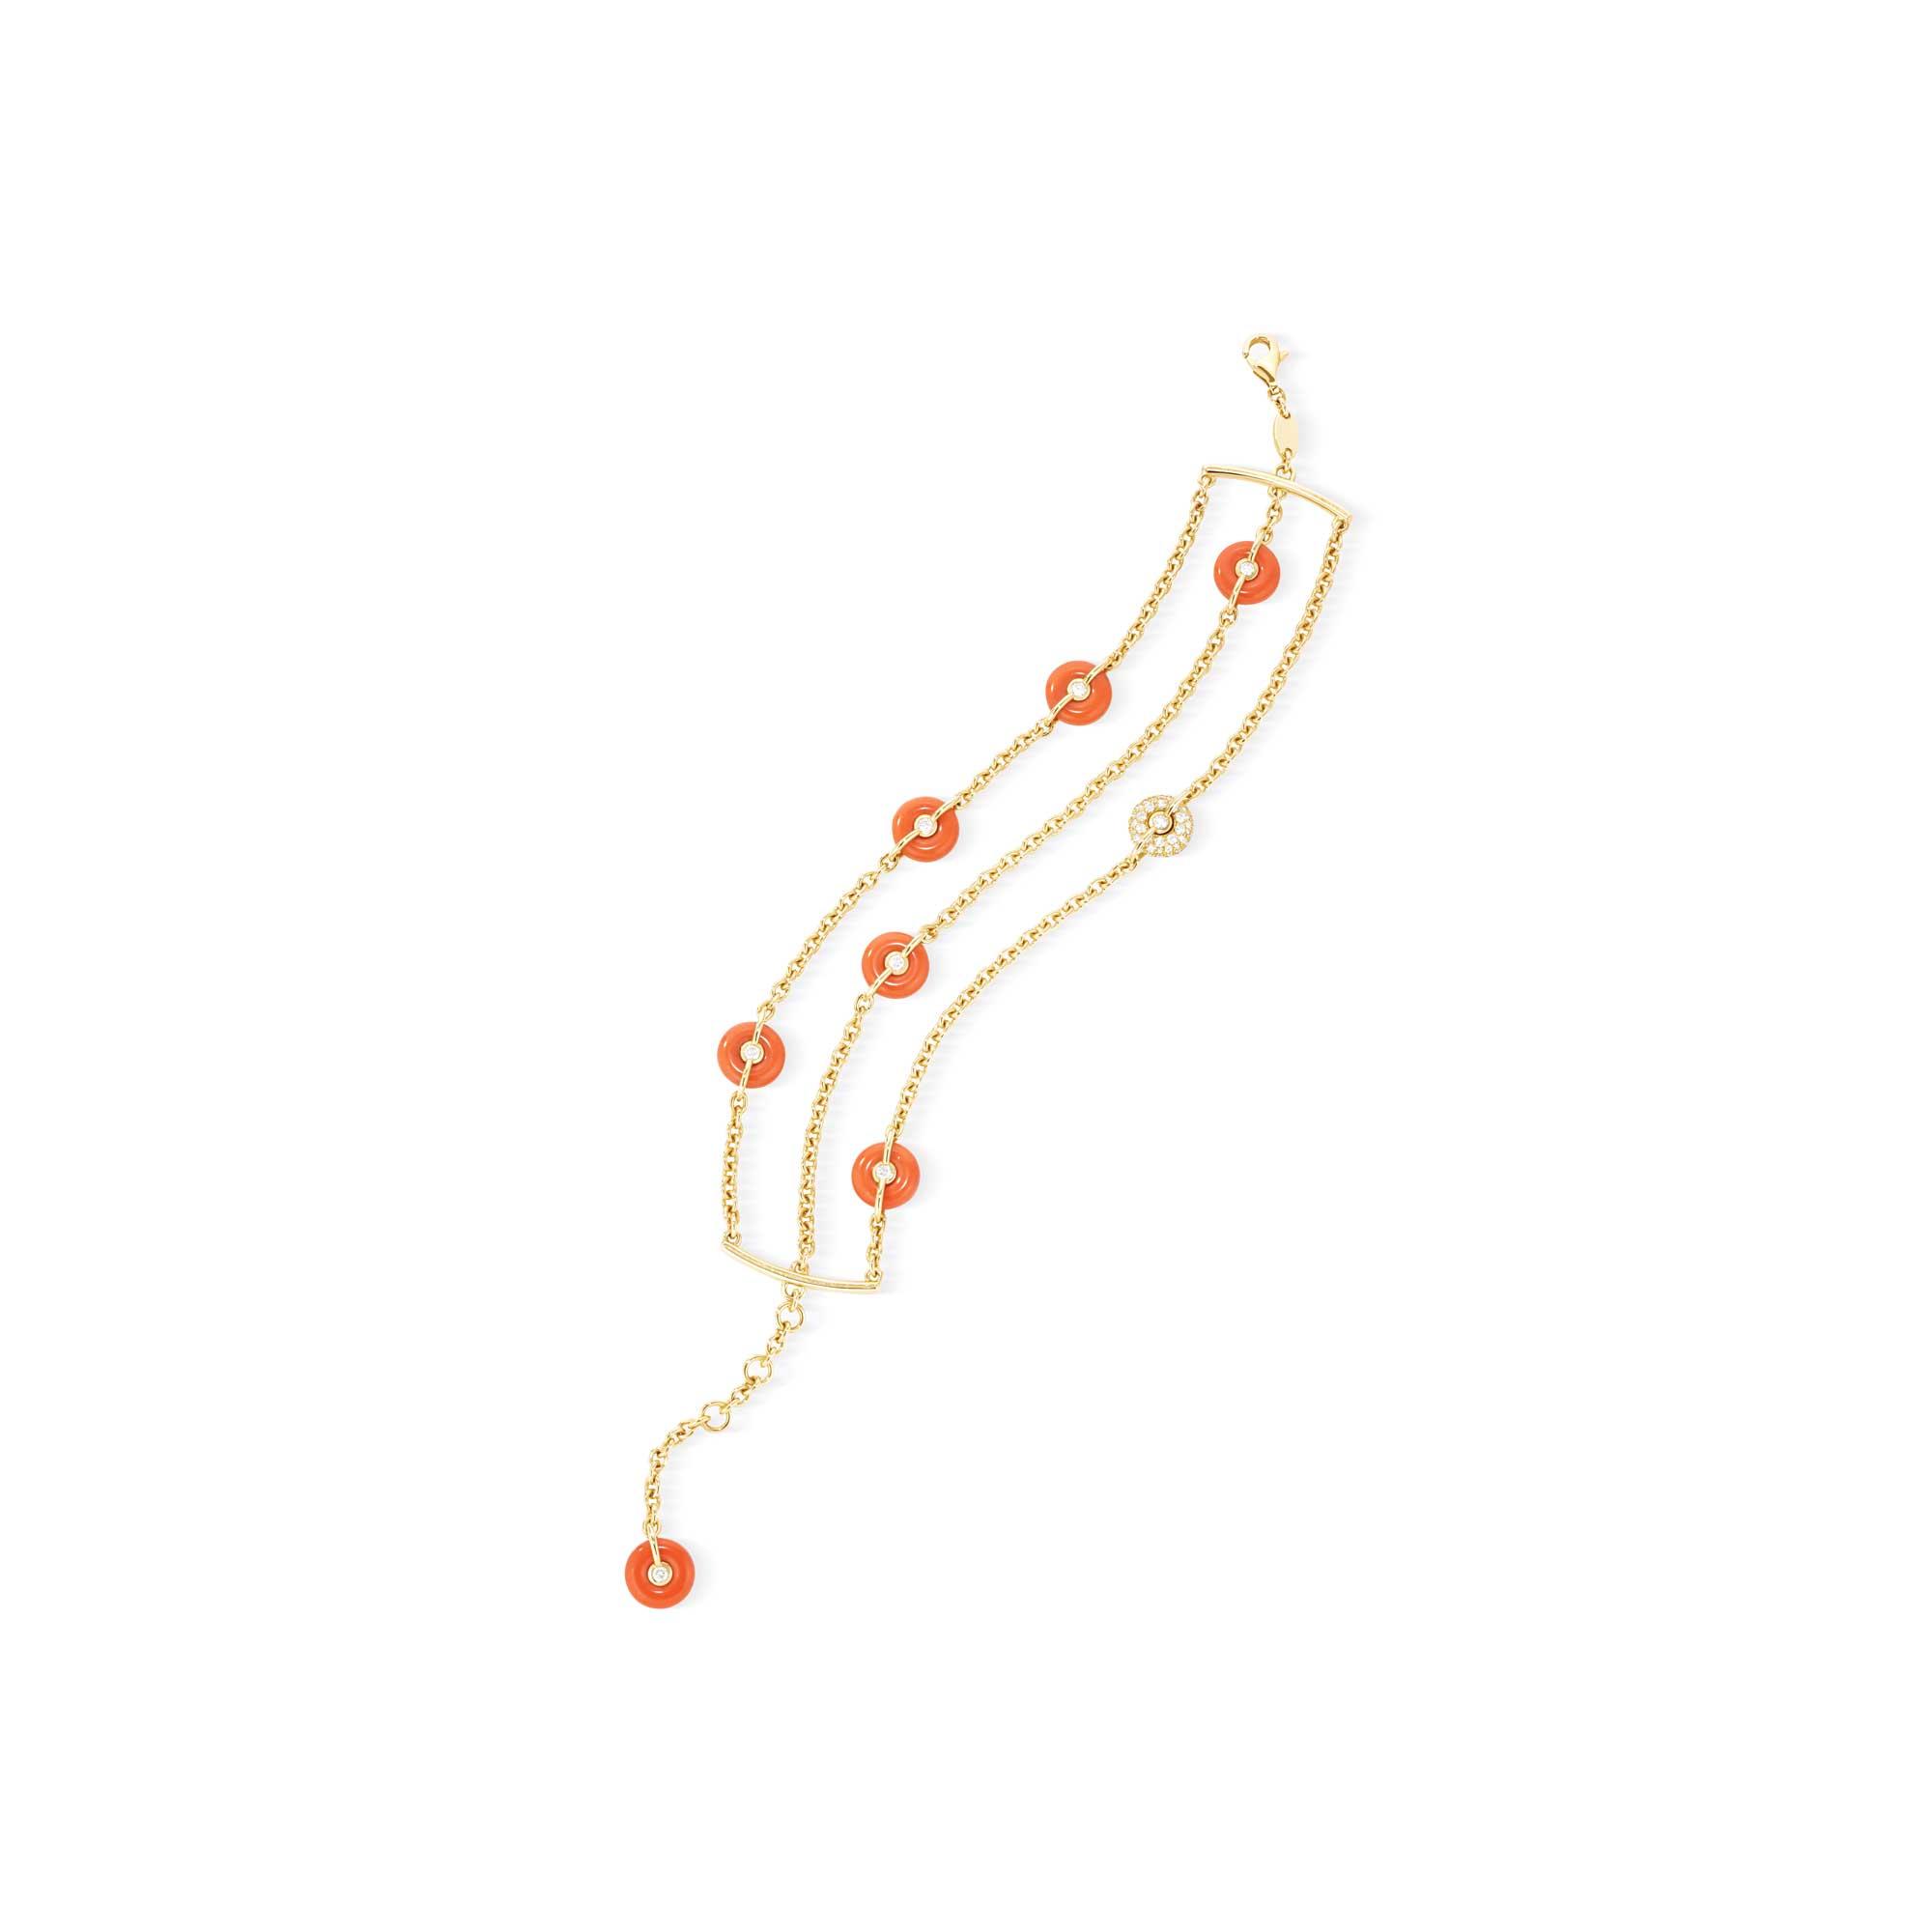 Yellow Gold Cuff Bracelet, with 7 coral buoys & 1 diamond buoy - Canaglia Paris-Milan Fine Jewelry